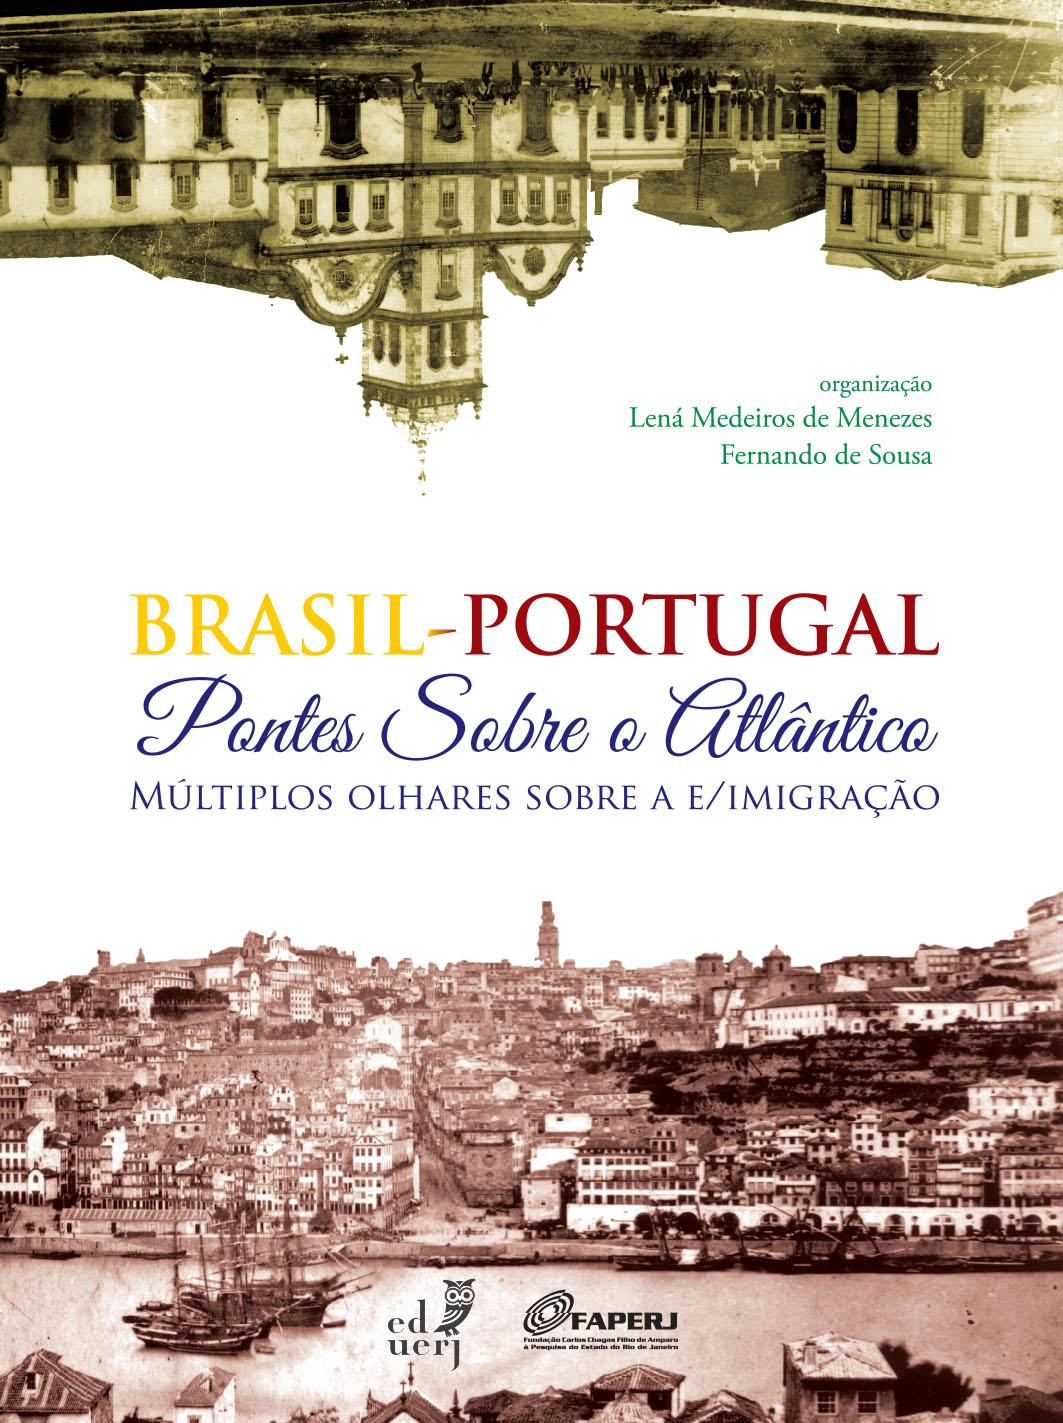 Brasil-Portugal. Pontos Sobre o Atlântico, Múltiplos Olhares Sobre a Emigração, livro de Lená de Medeiros